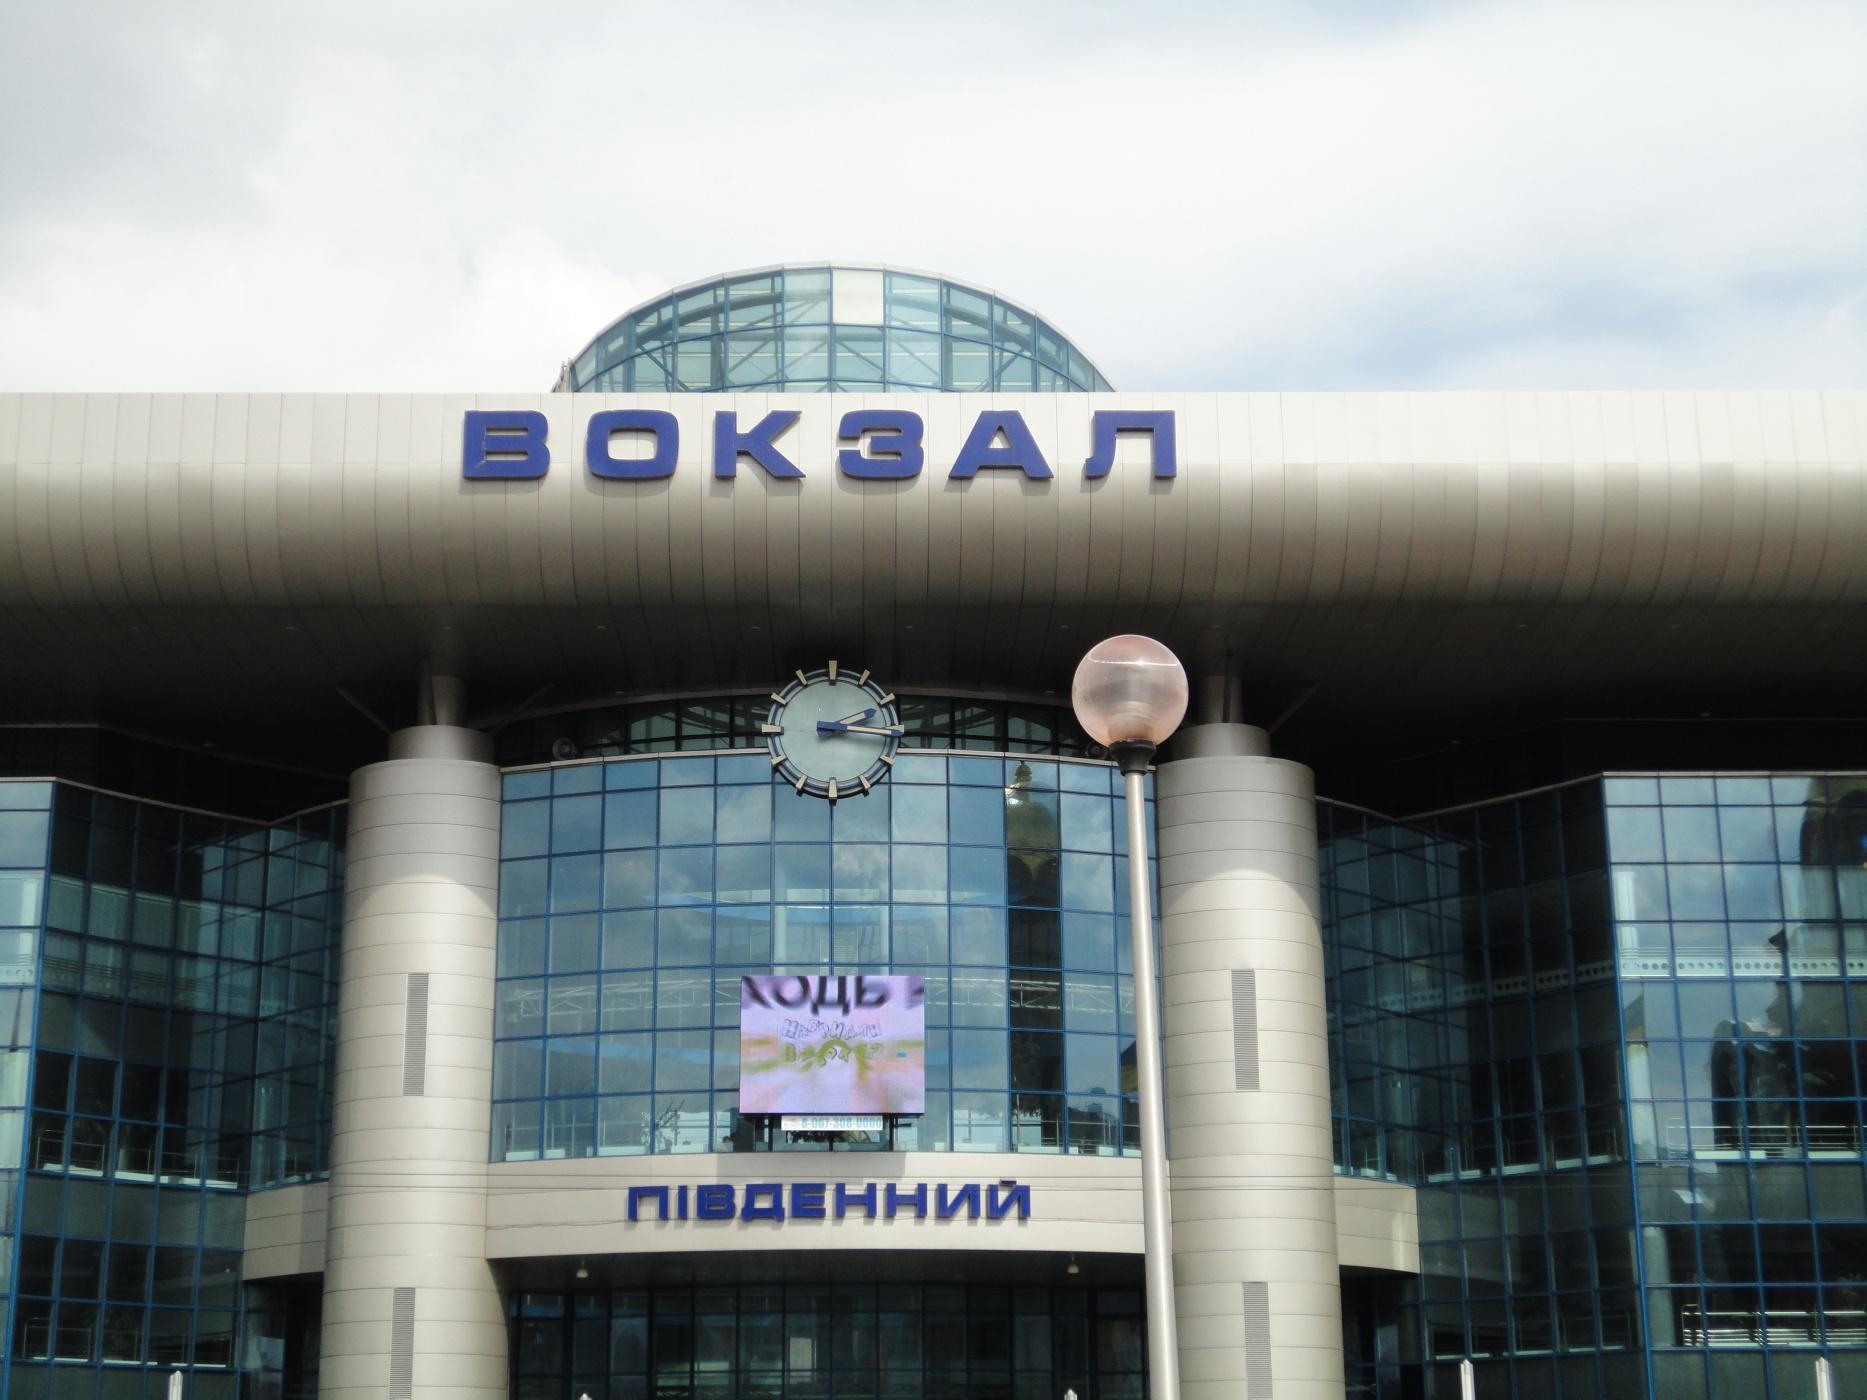 Как доехать до вокзала  Киев маршруты от и до  v